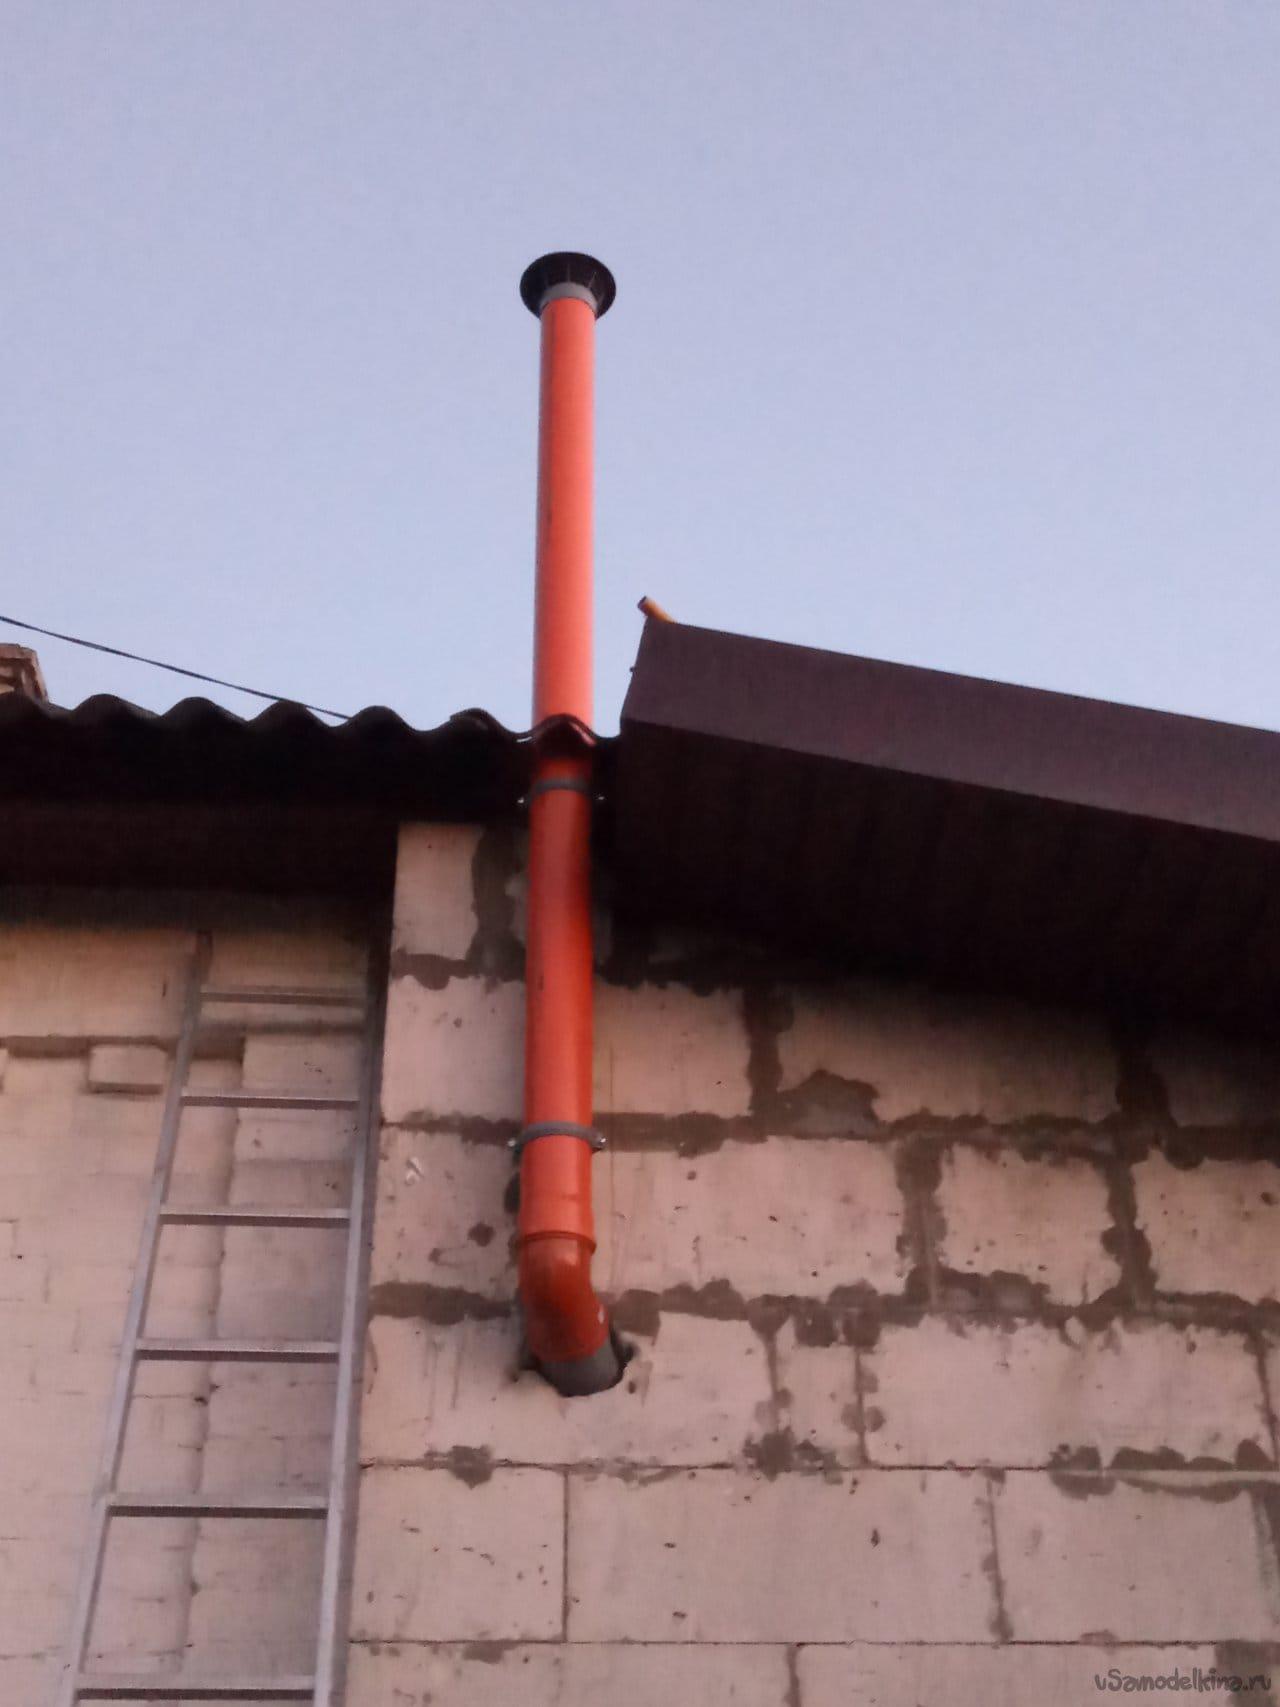 Временная вентиляция для частного дома. Быстро. Не затратно